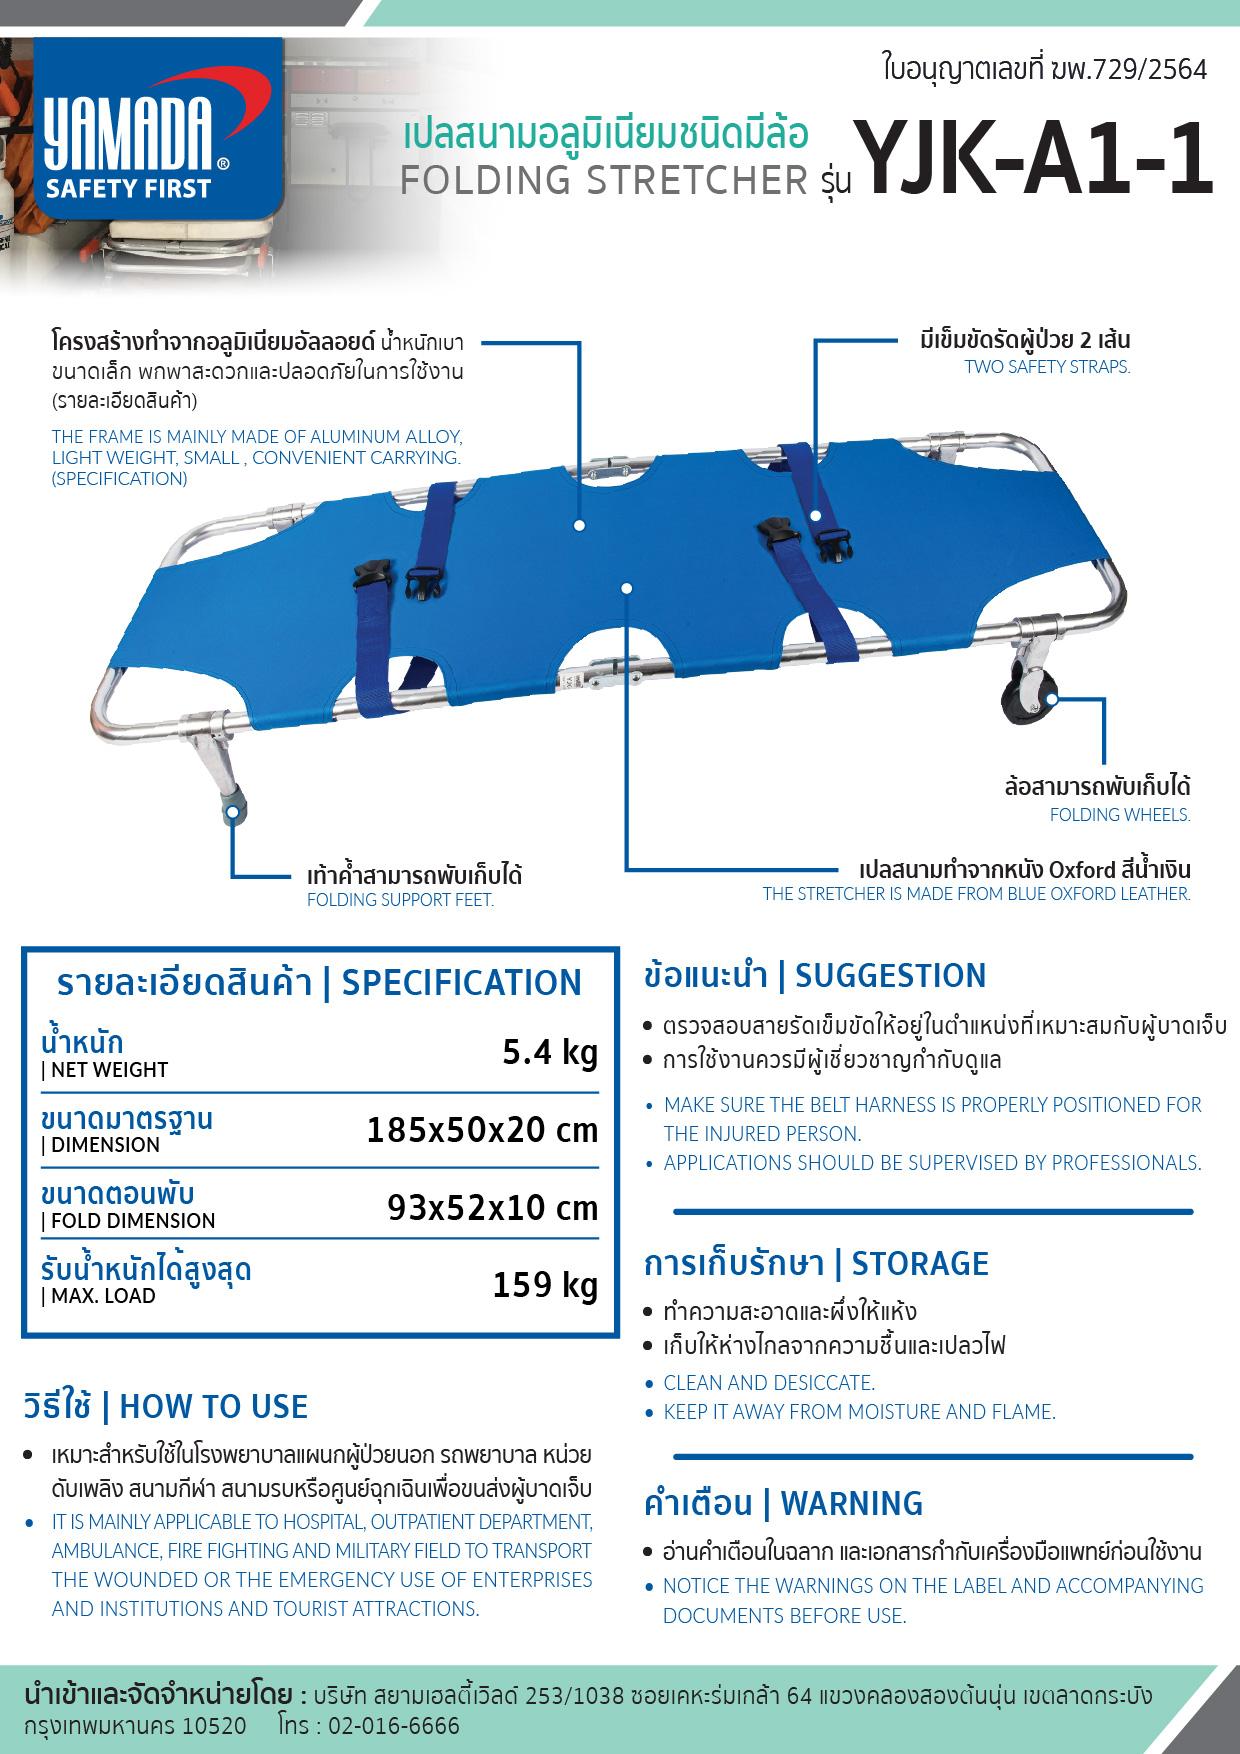 (3/7) เปลสนามอลูมิเนียมชนิดมีล้อ รุ่นYJK-A1-1